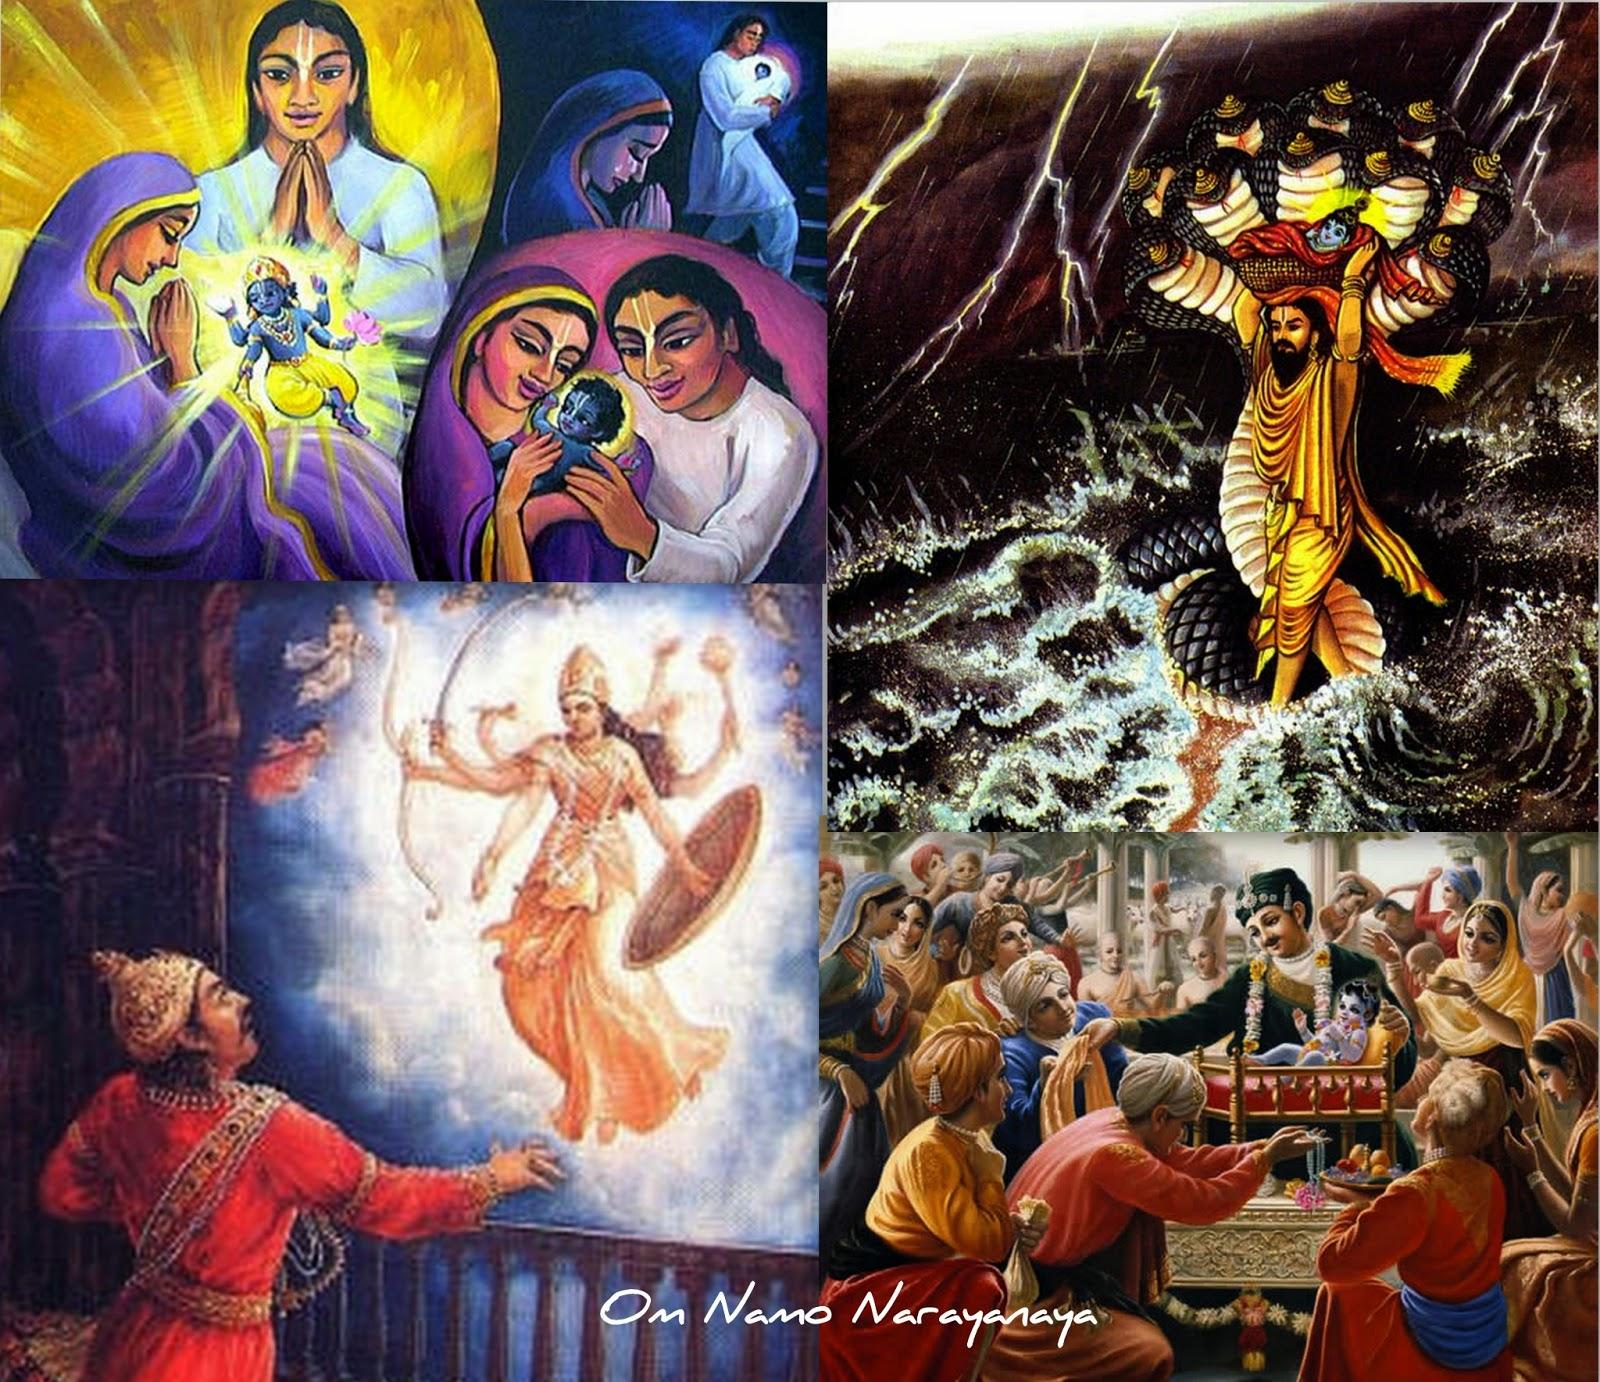 கண்ணன் கதைகள் (28) - கிருஷ்ணாவதாரம்,  கிருஷ்ணாவதாரம் / க்ருஷ்ணாவதாரம் / ஸ்ரீ கிருஷ்ண அவதாரம்